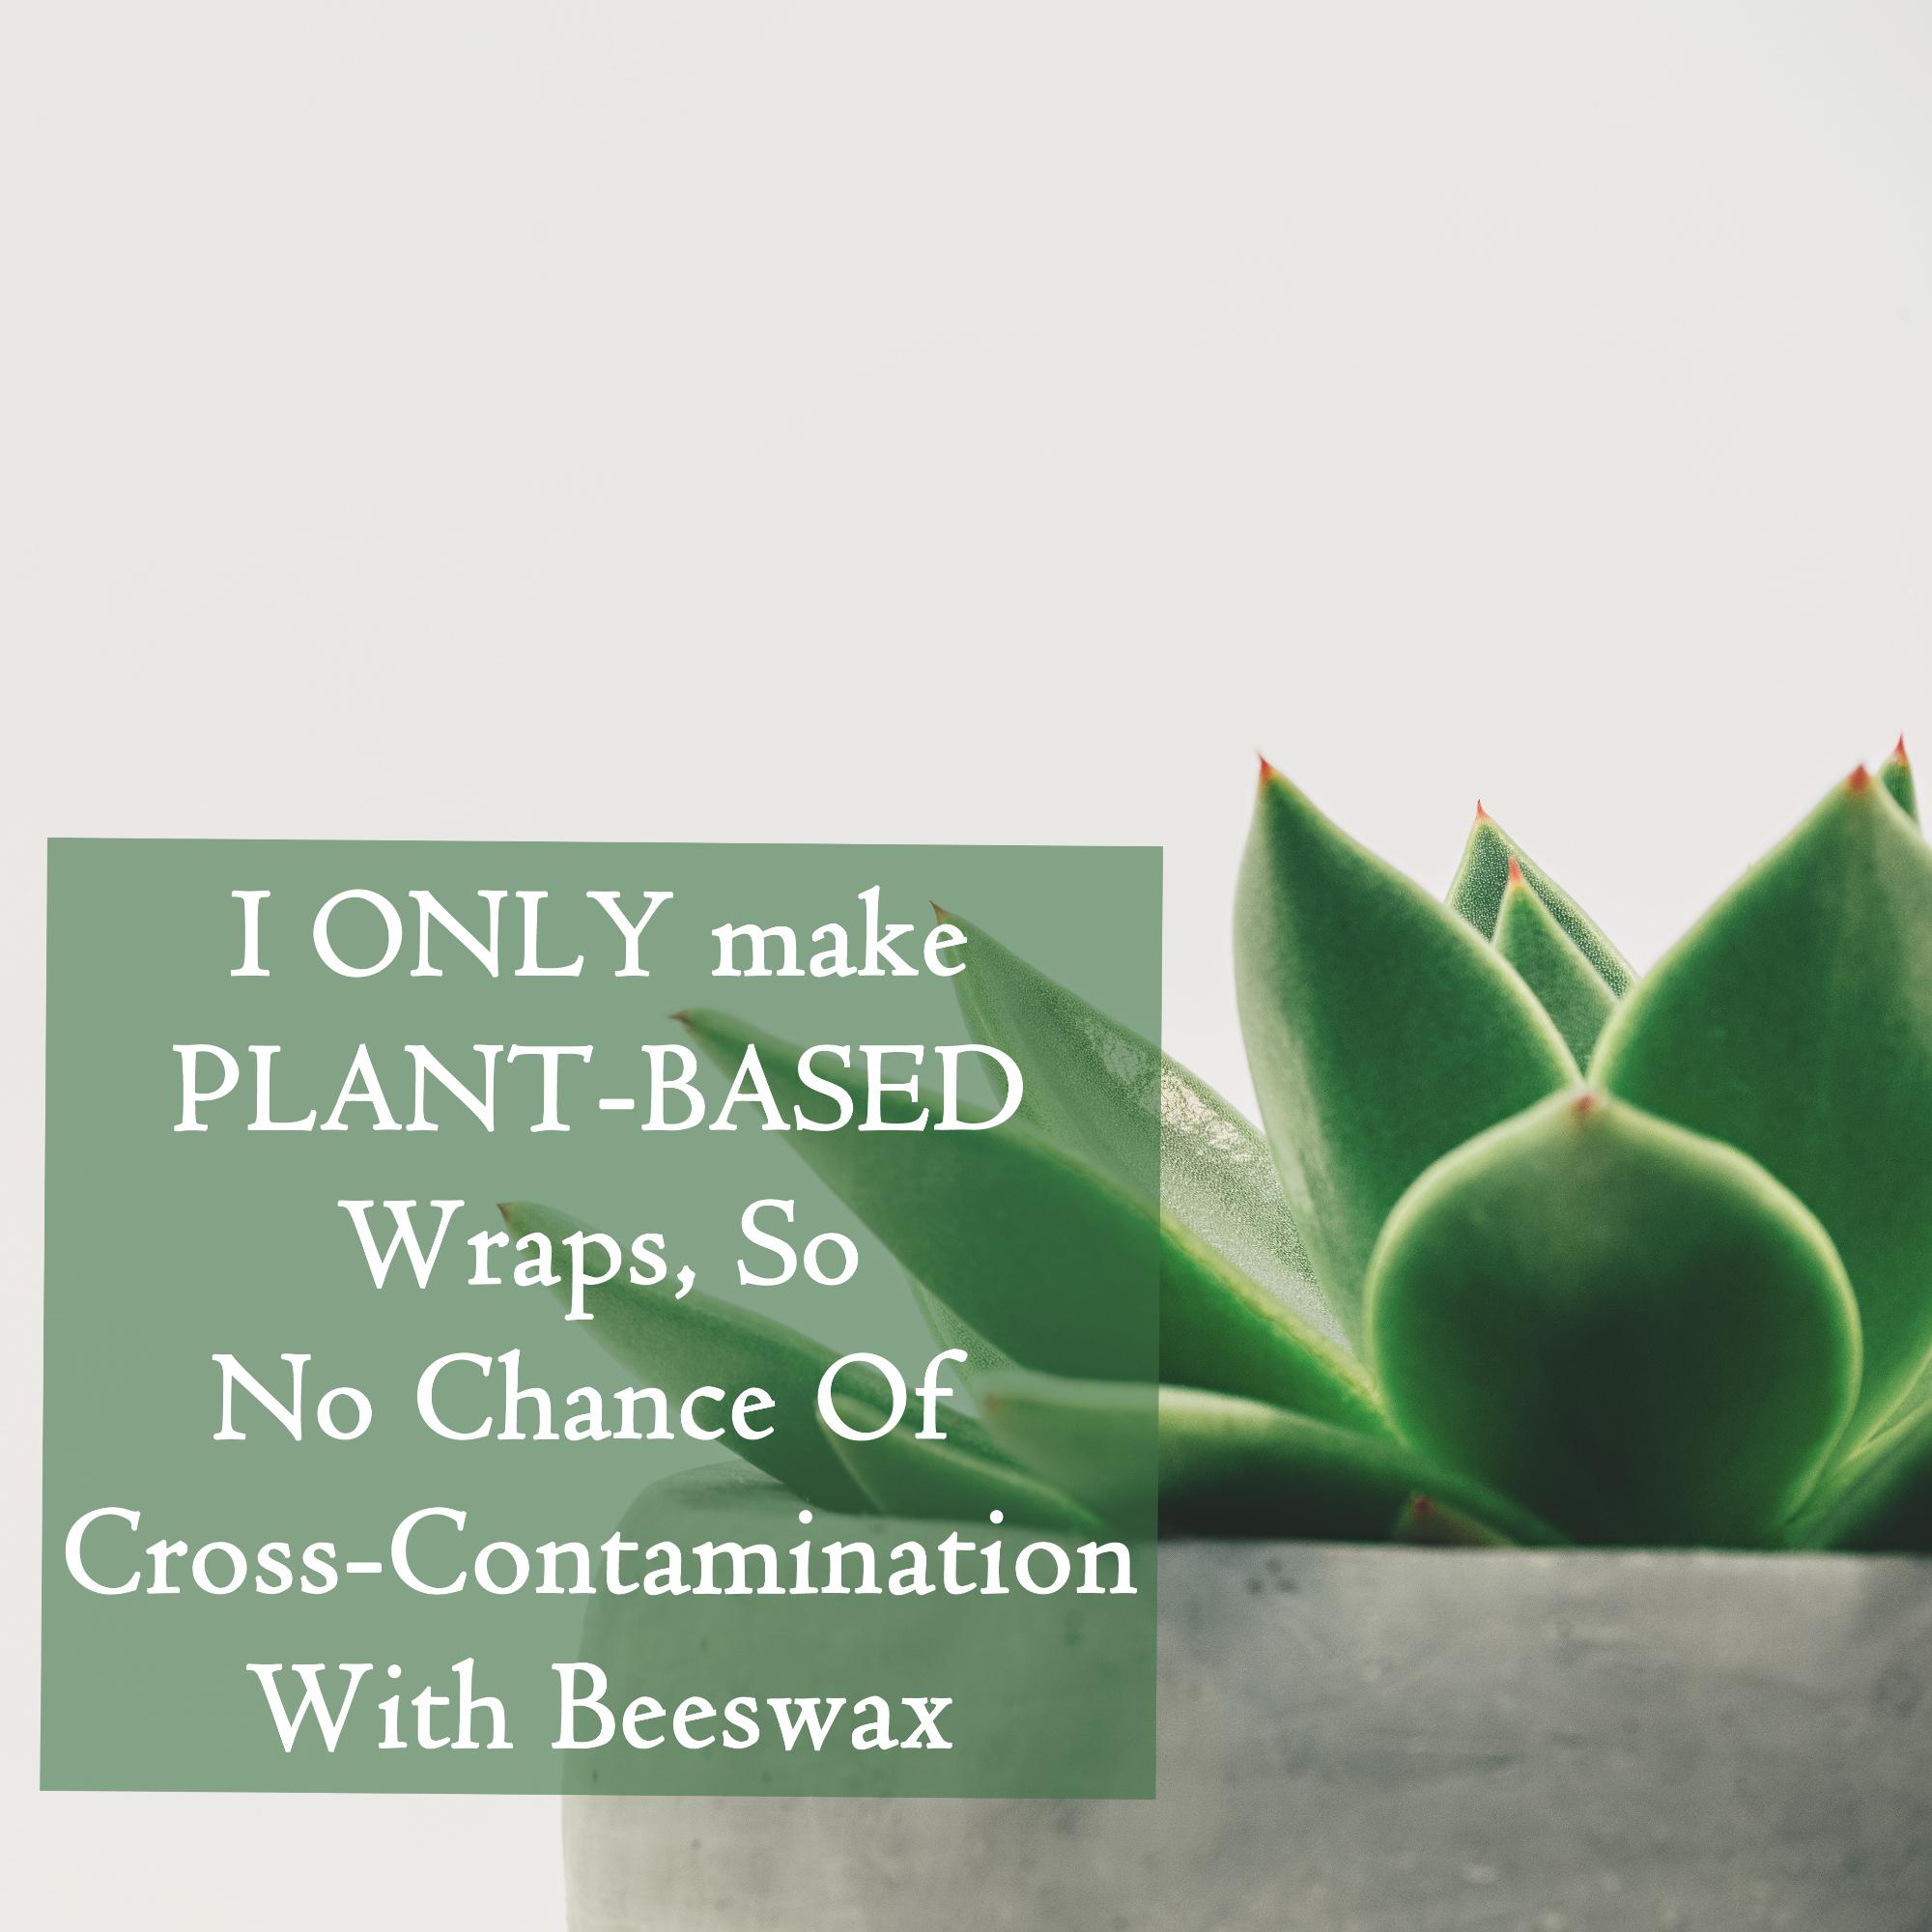 V-Eco Food Wraps - We only make vegan wraps so no accidental cross-contamination